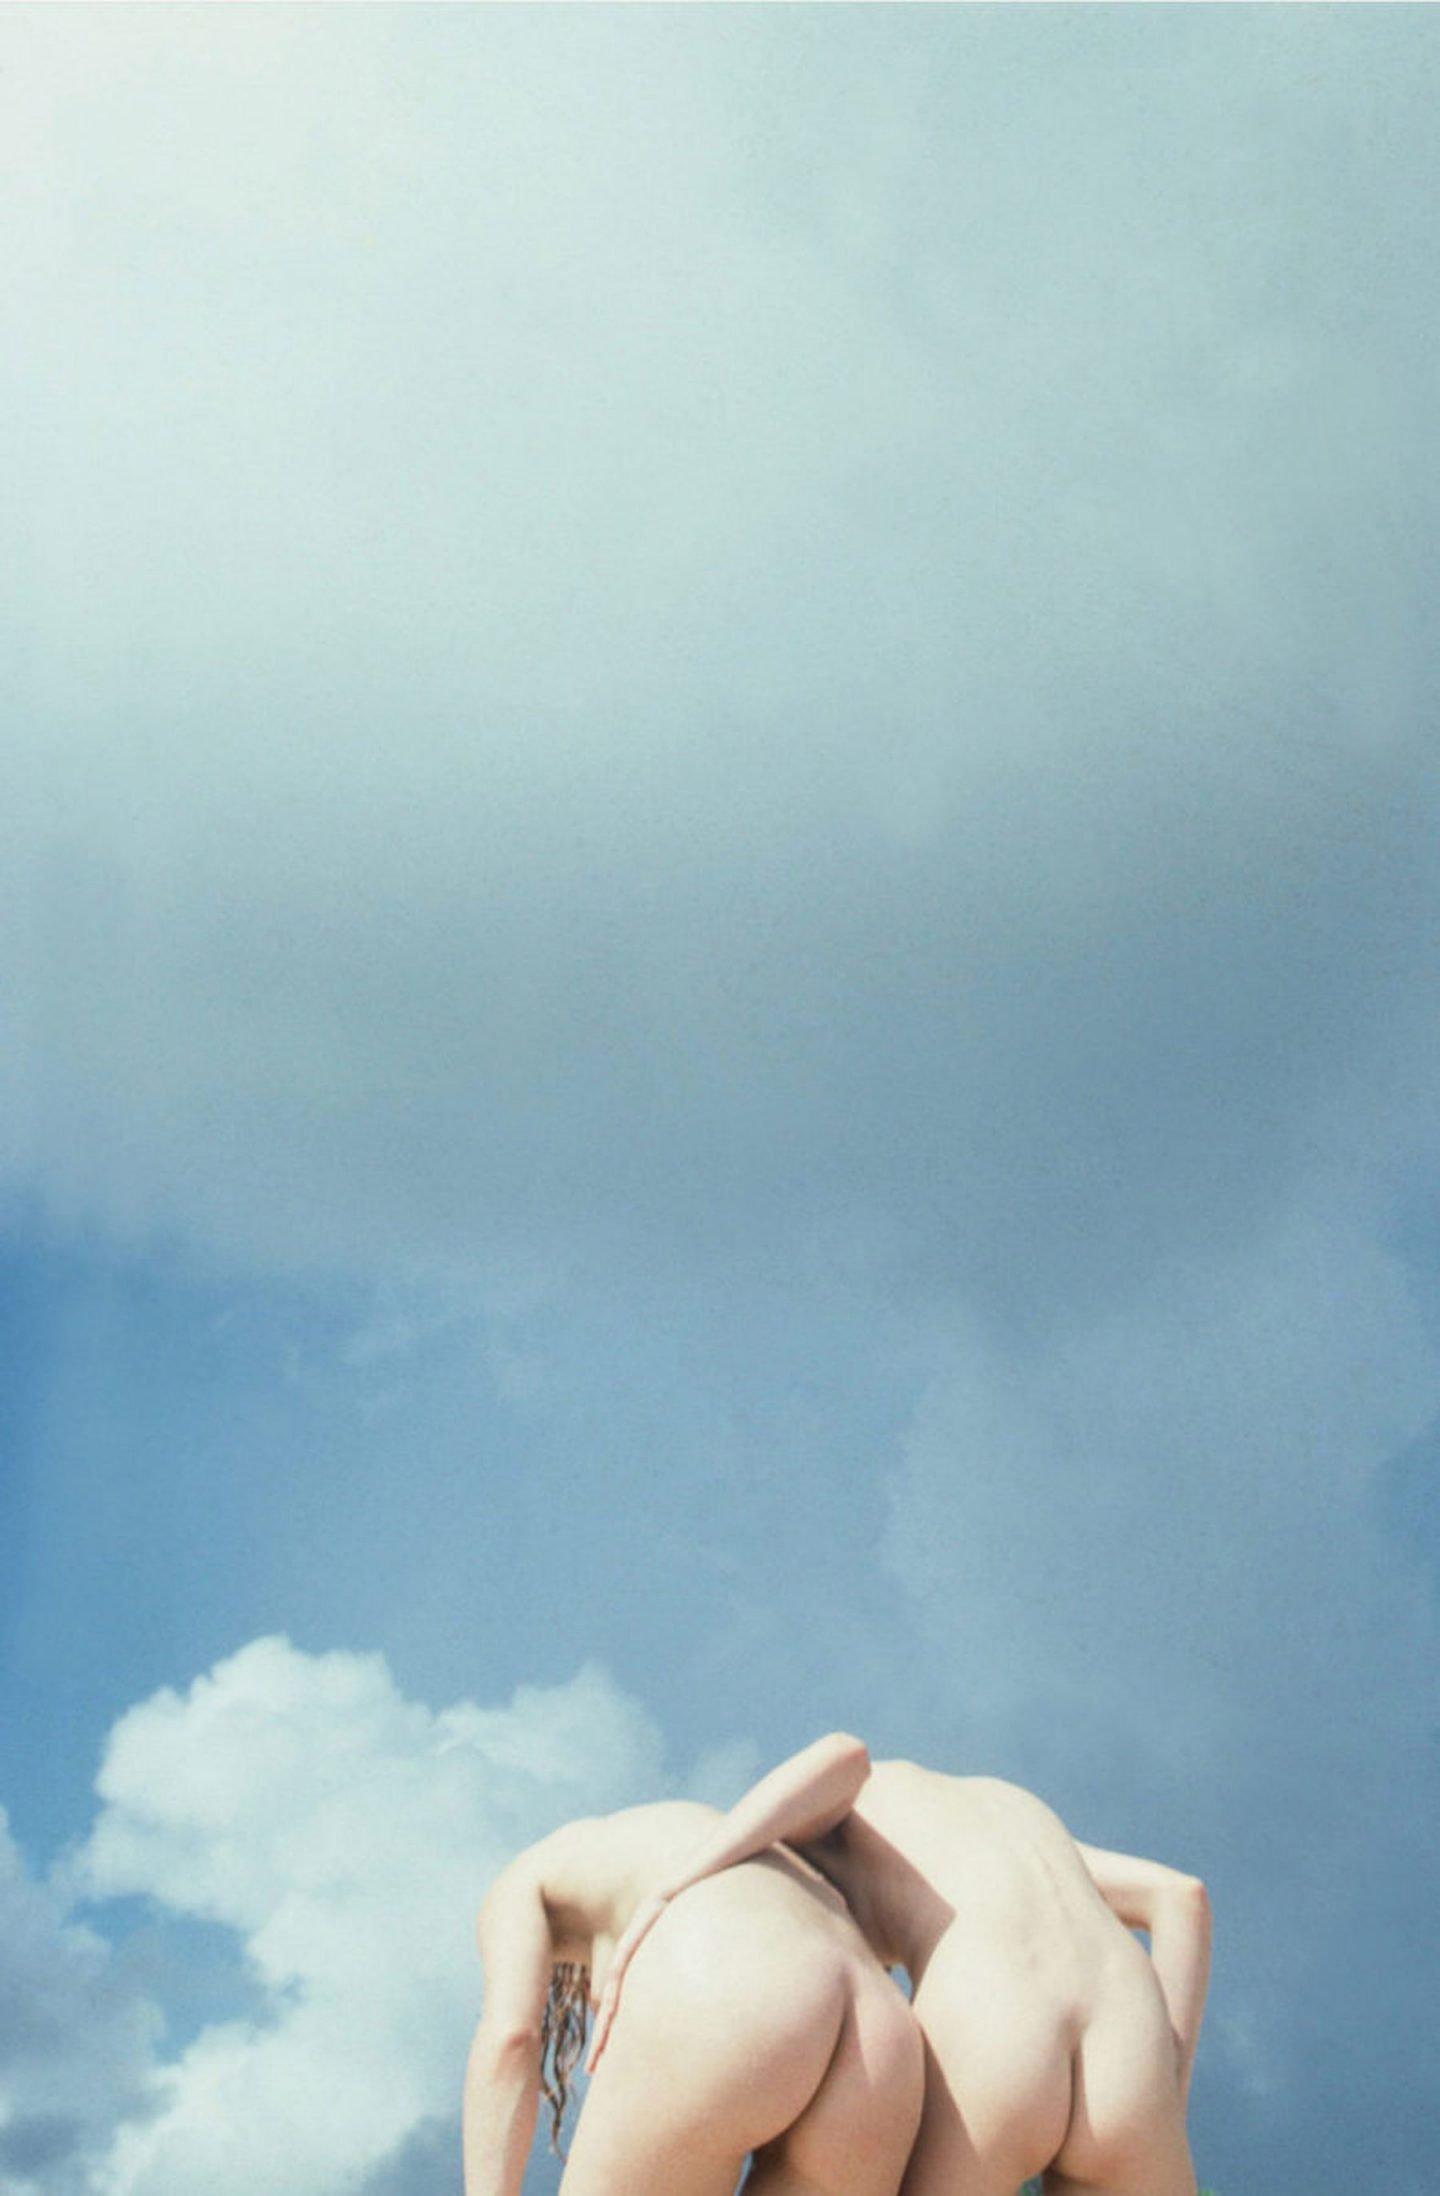 iGNANT-Photography-Mark-Borthwick-Fashion-Landscape-13